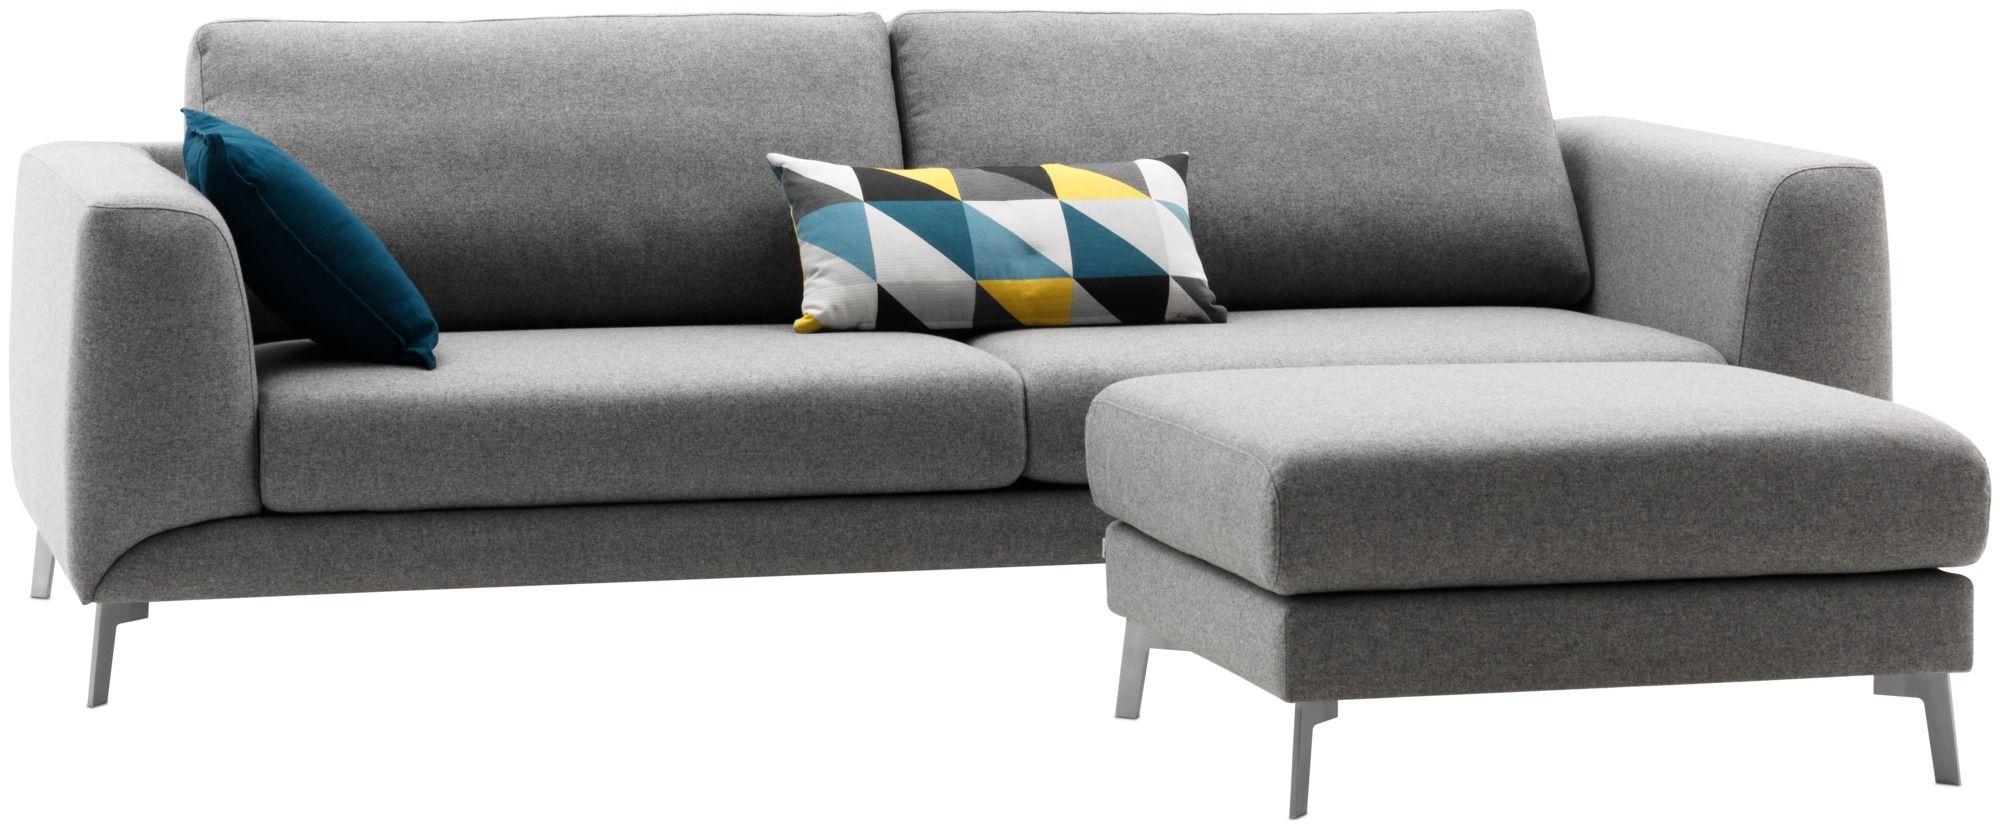 Sofas - Carmo sofa - Gray - Fabric | Boconcept, Gerade